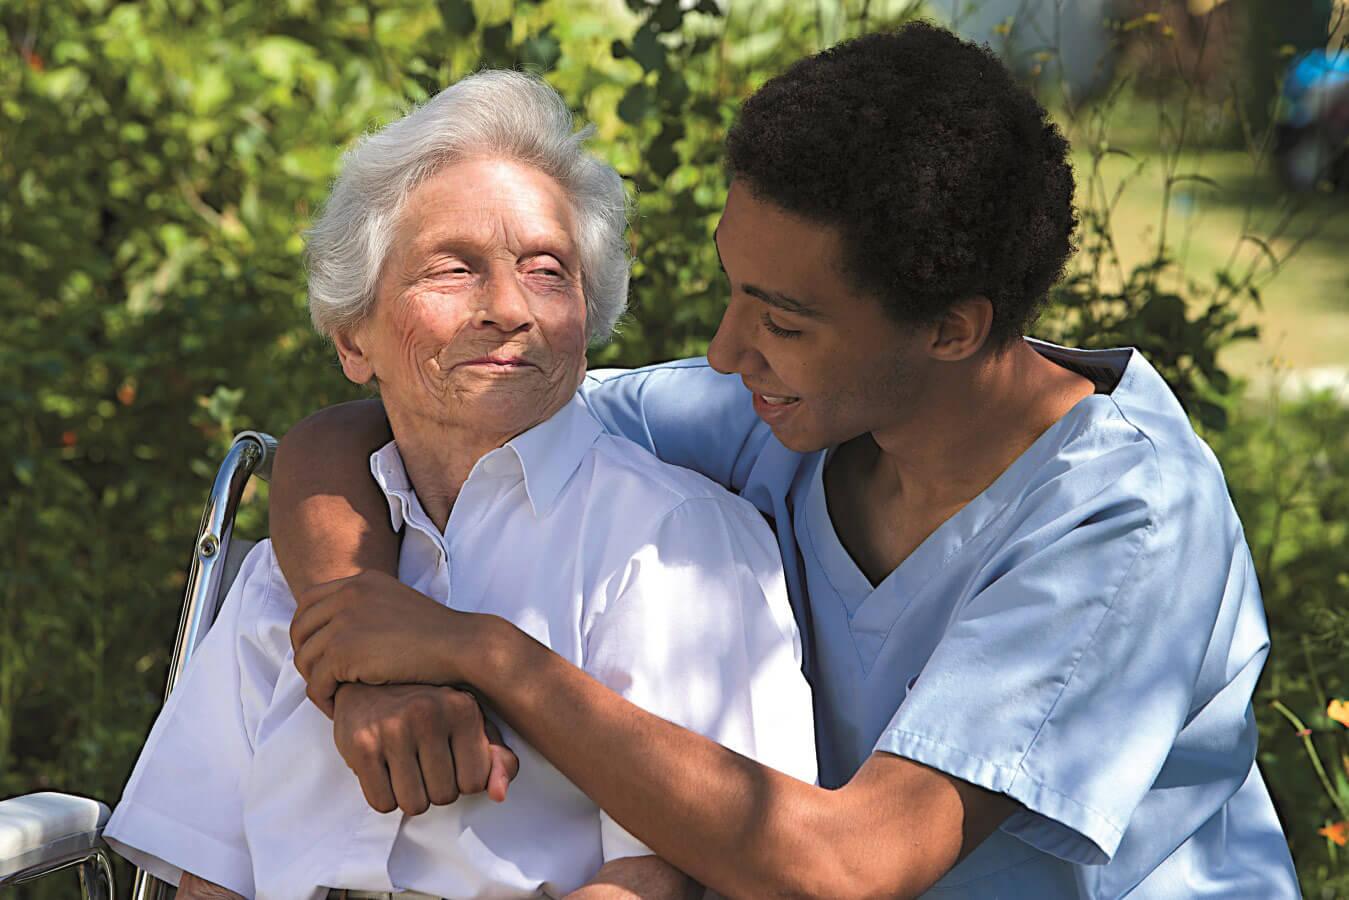 Ältere Dame wird von einer Pflegerin im Park umarmt.